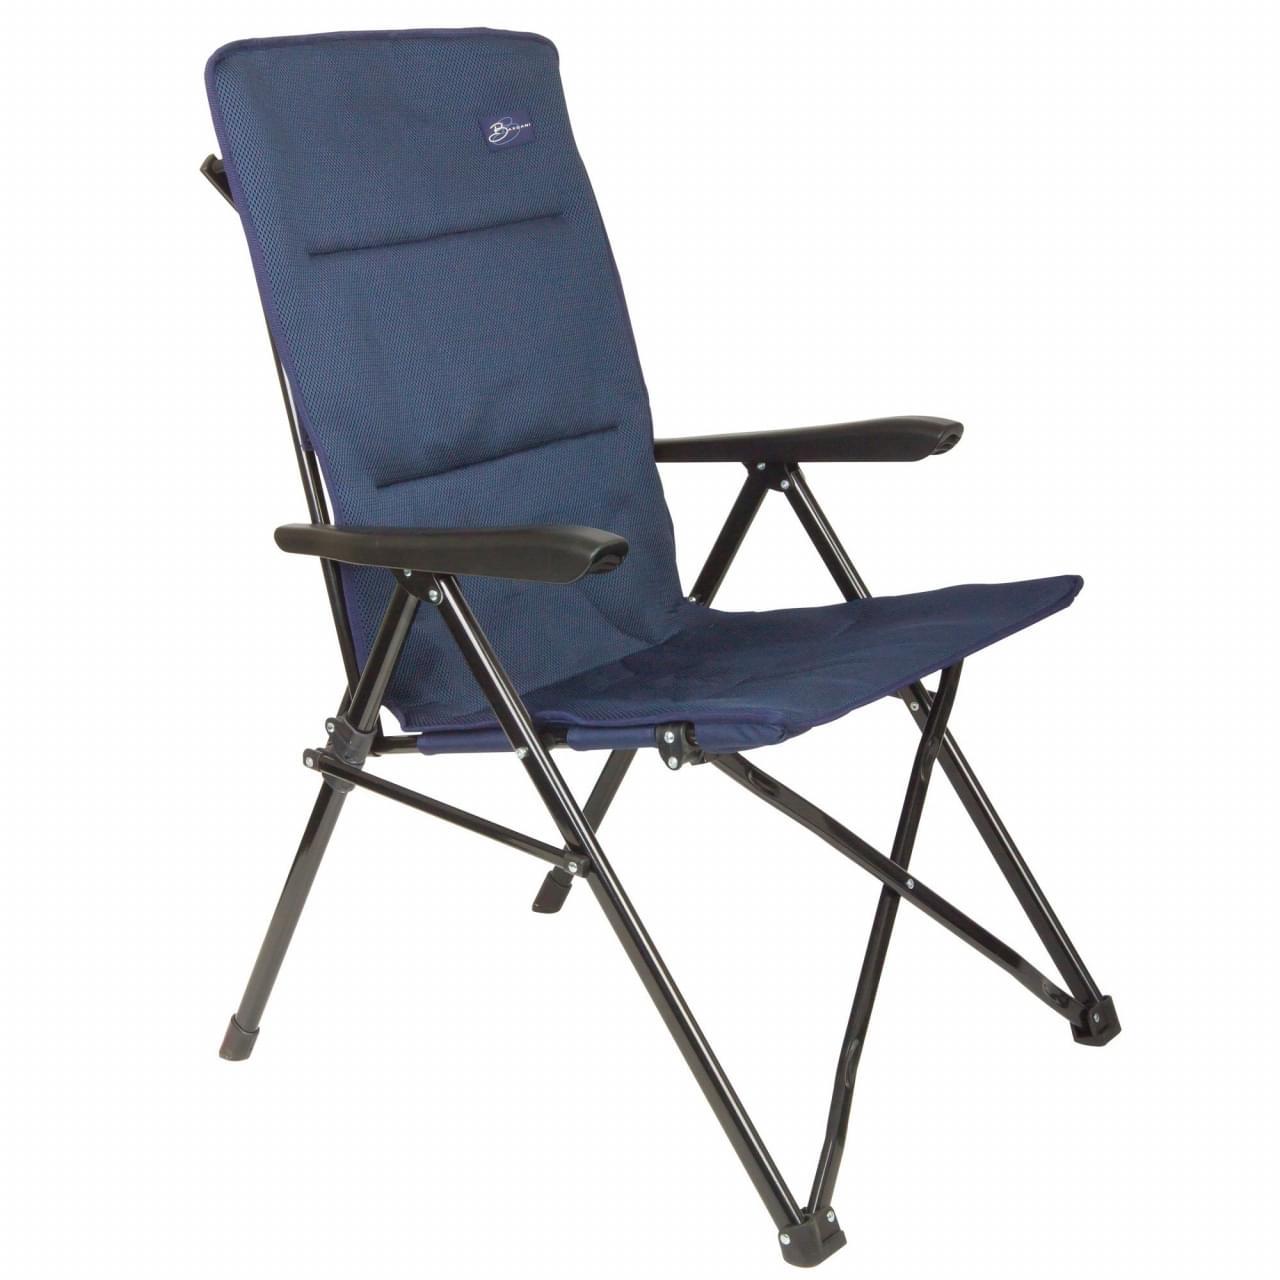 Bardani Monschau 3D Comfort Campingstoel - Blauw